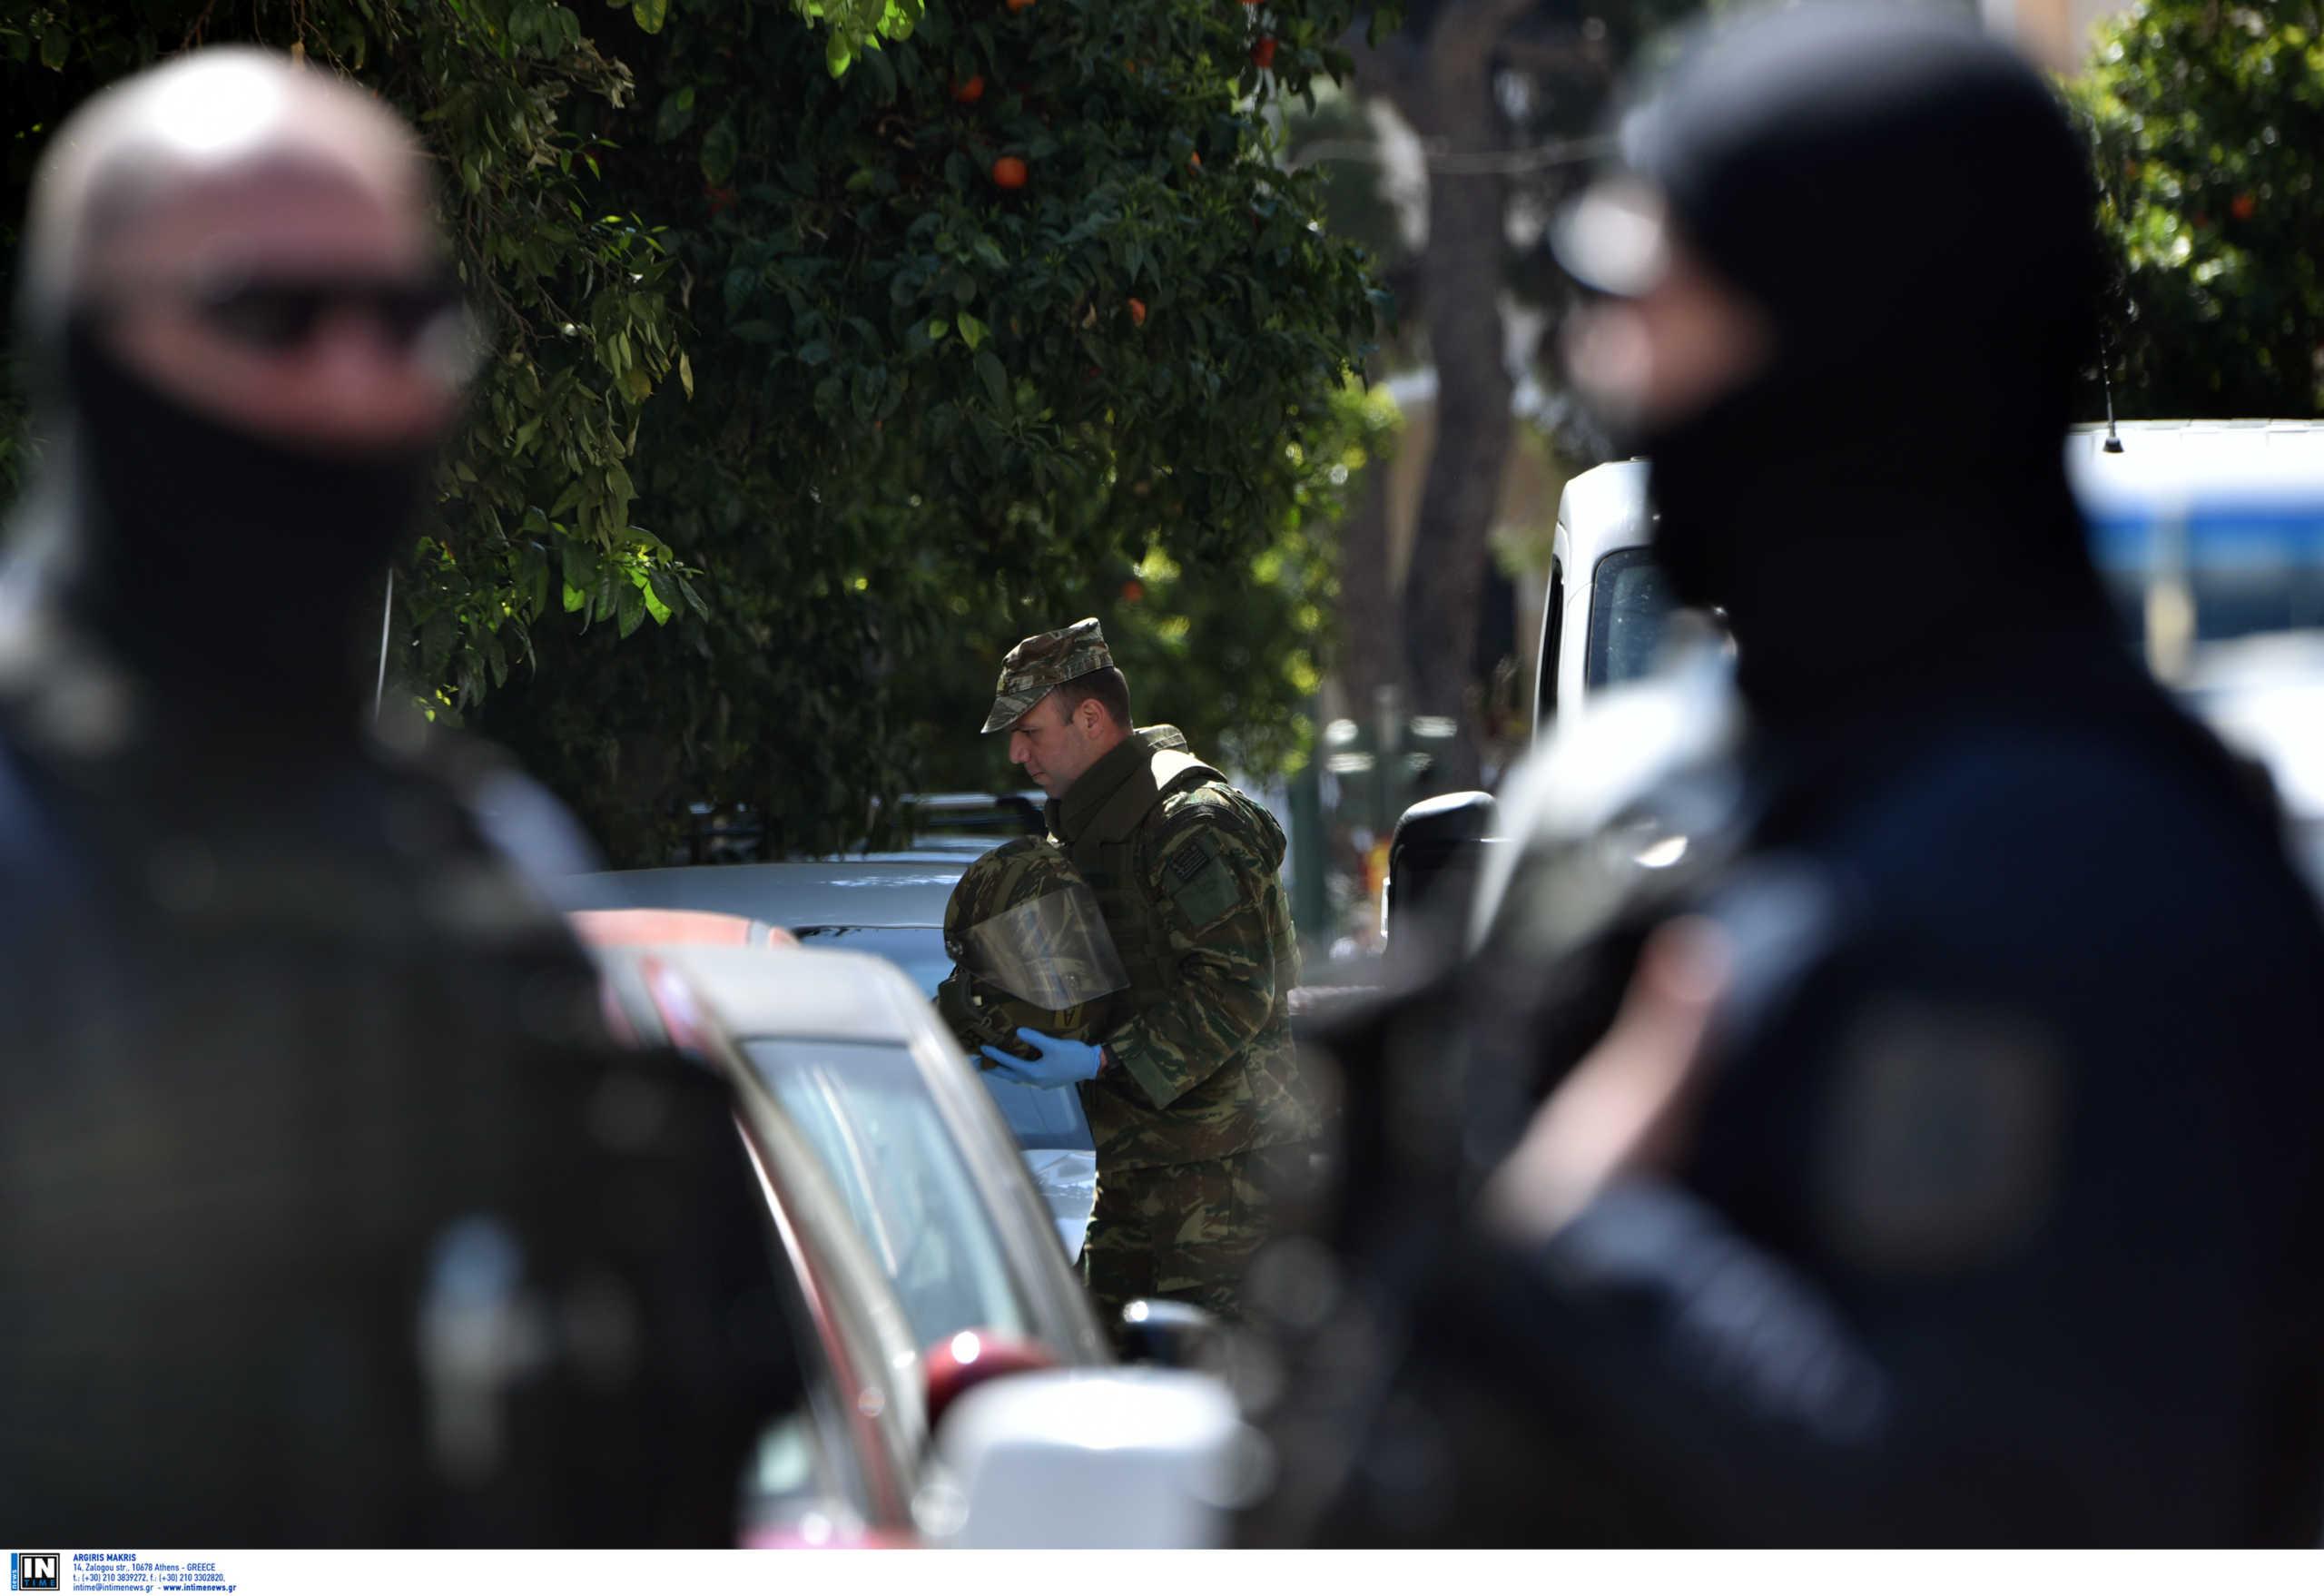 Συνελήφθη μέλος του ISIS